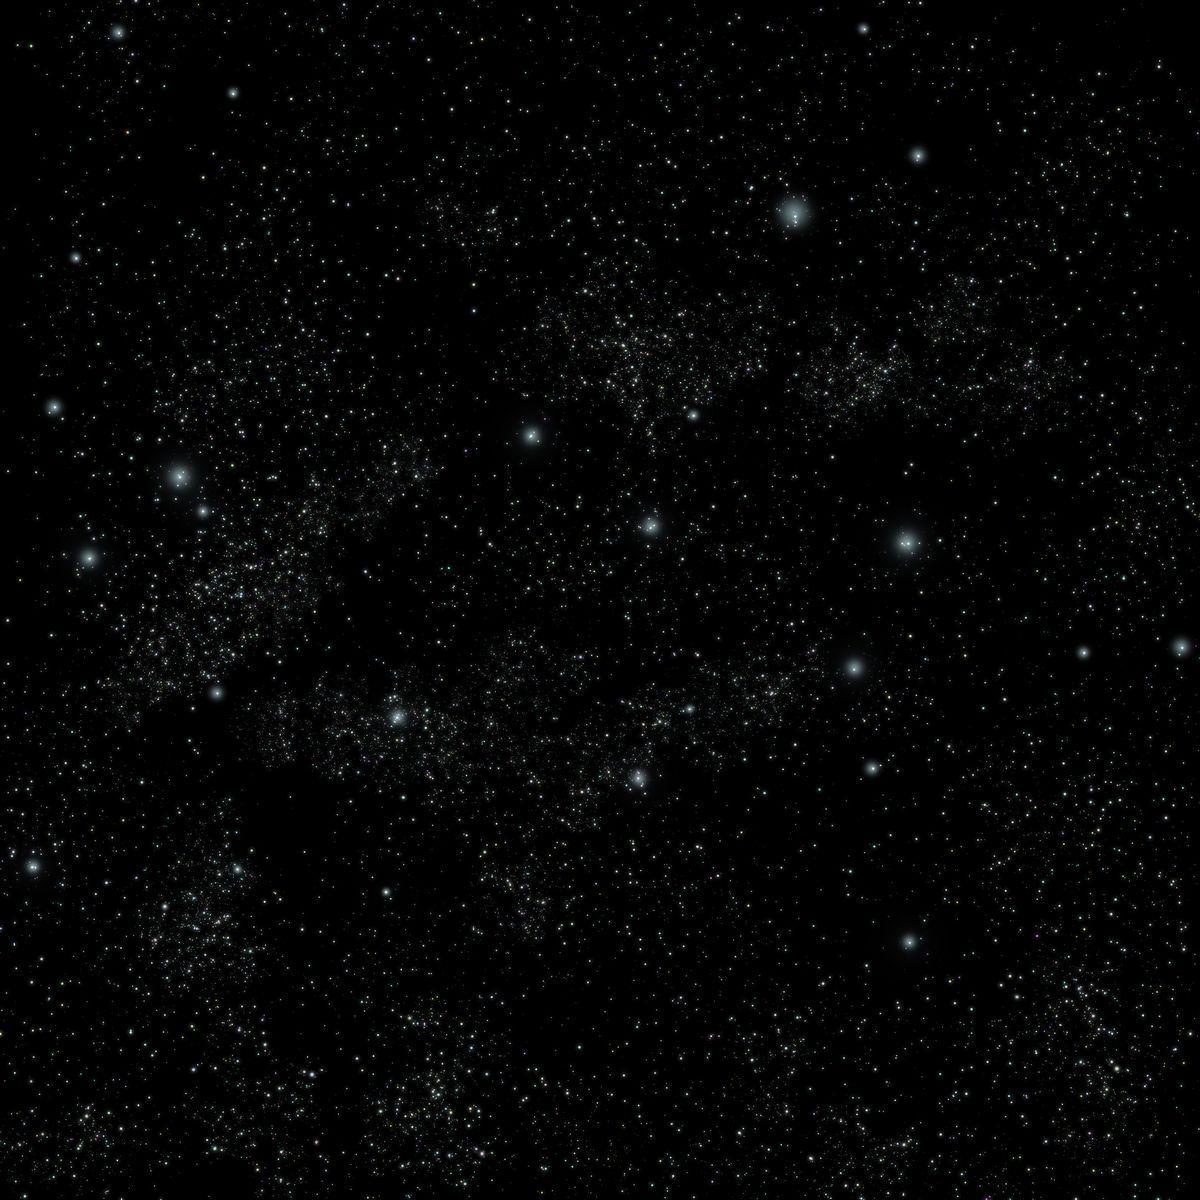 平面素材-6张超高清宇宙星空星星图片素材(5)